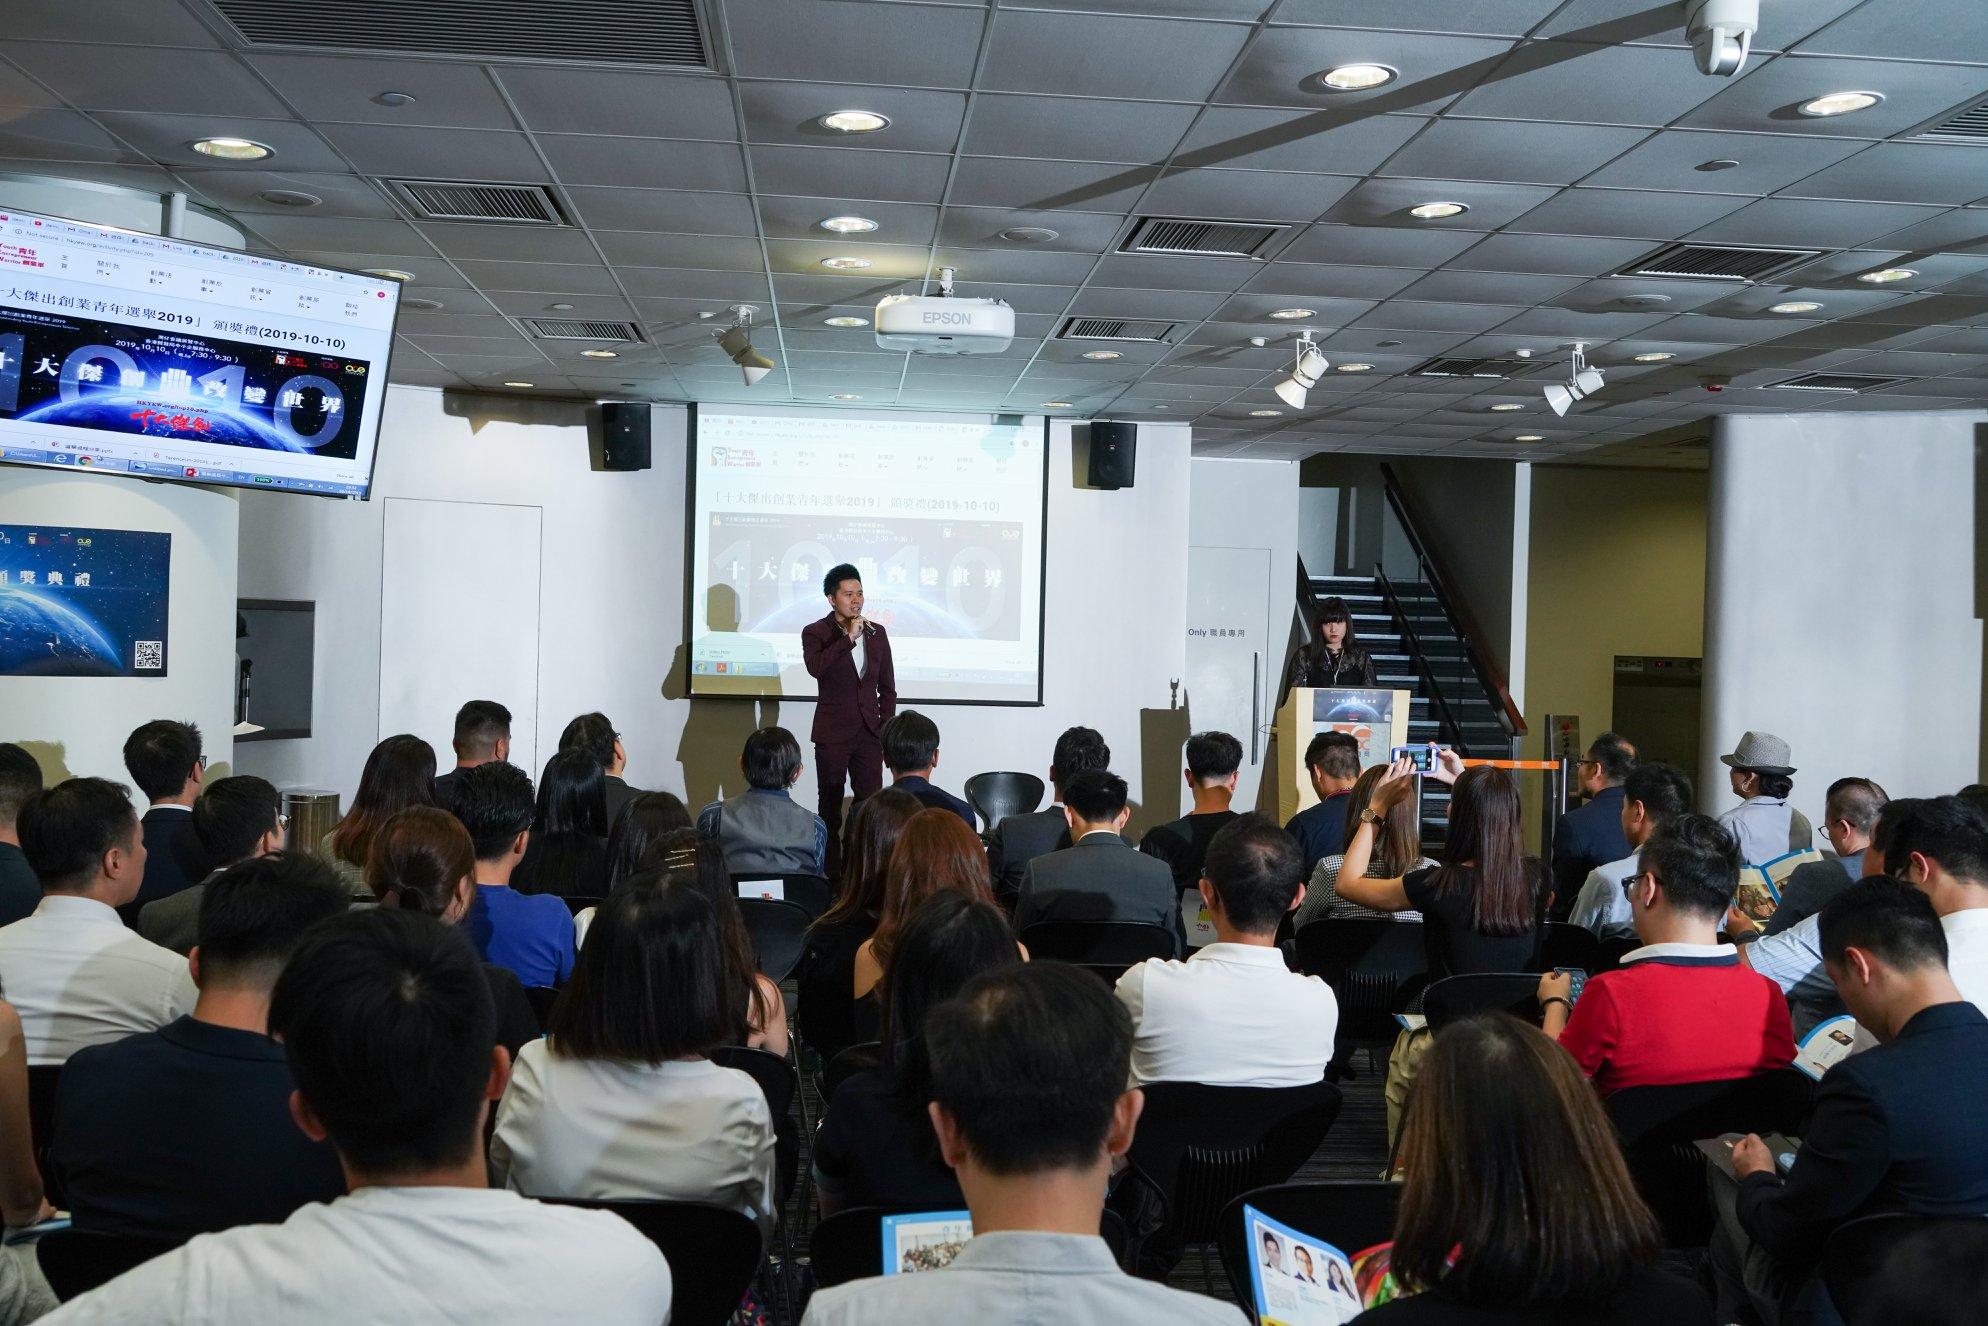 首屆香港《十大傑出創業青年選舉》頒獎禮隆重舉行: 青年創業軍創辦人溫學文